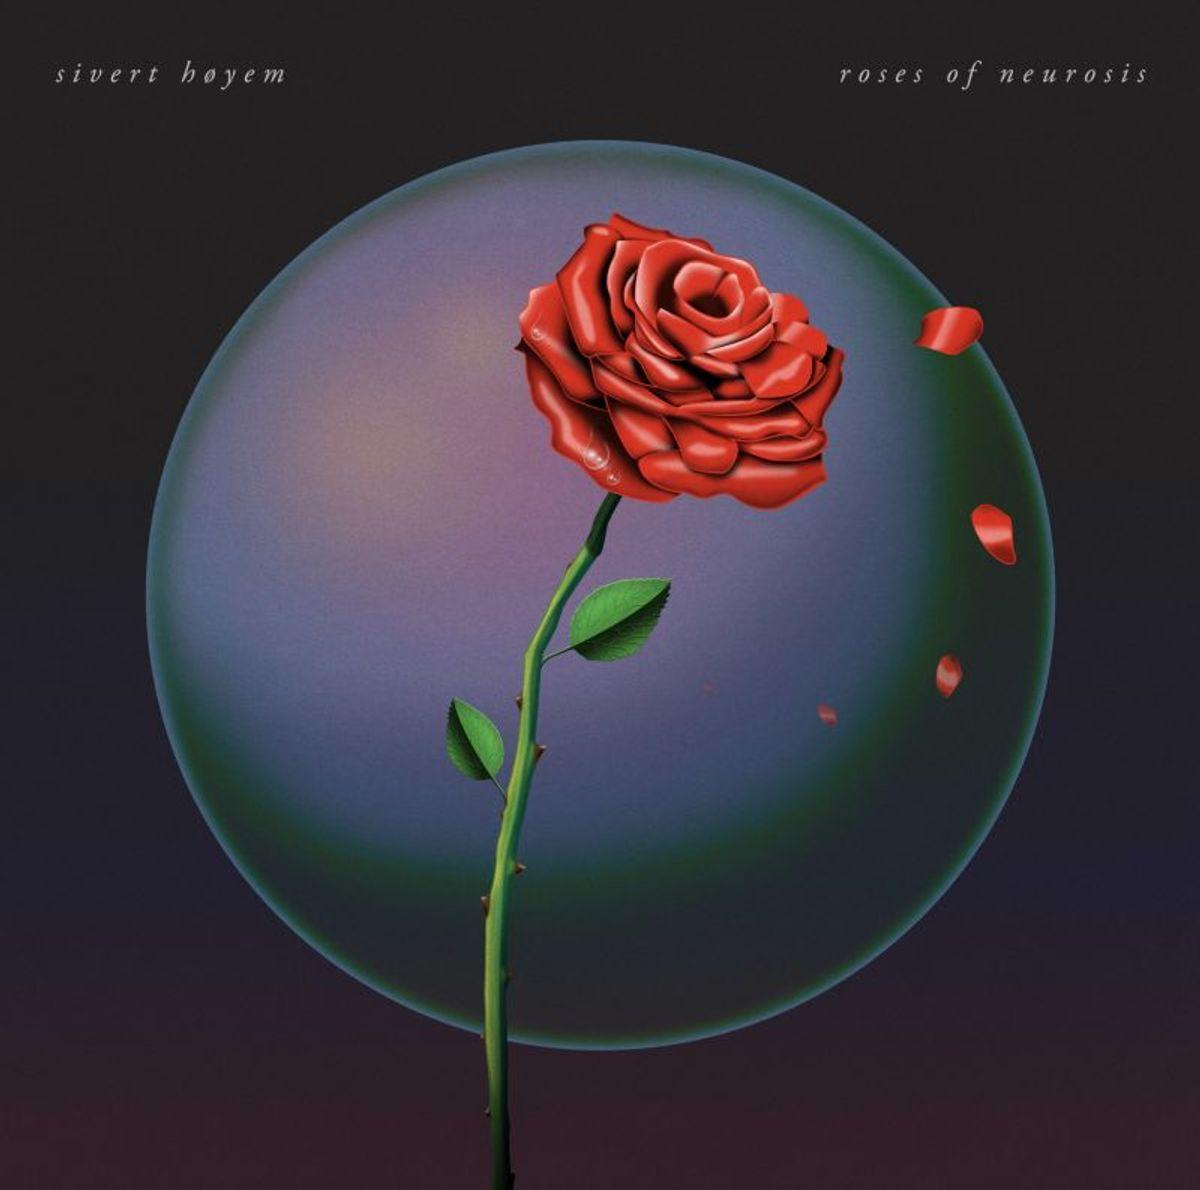 Sivert Høyem - 'Roses Of Neurosis'